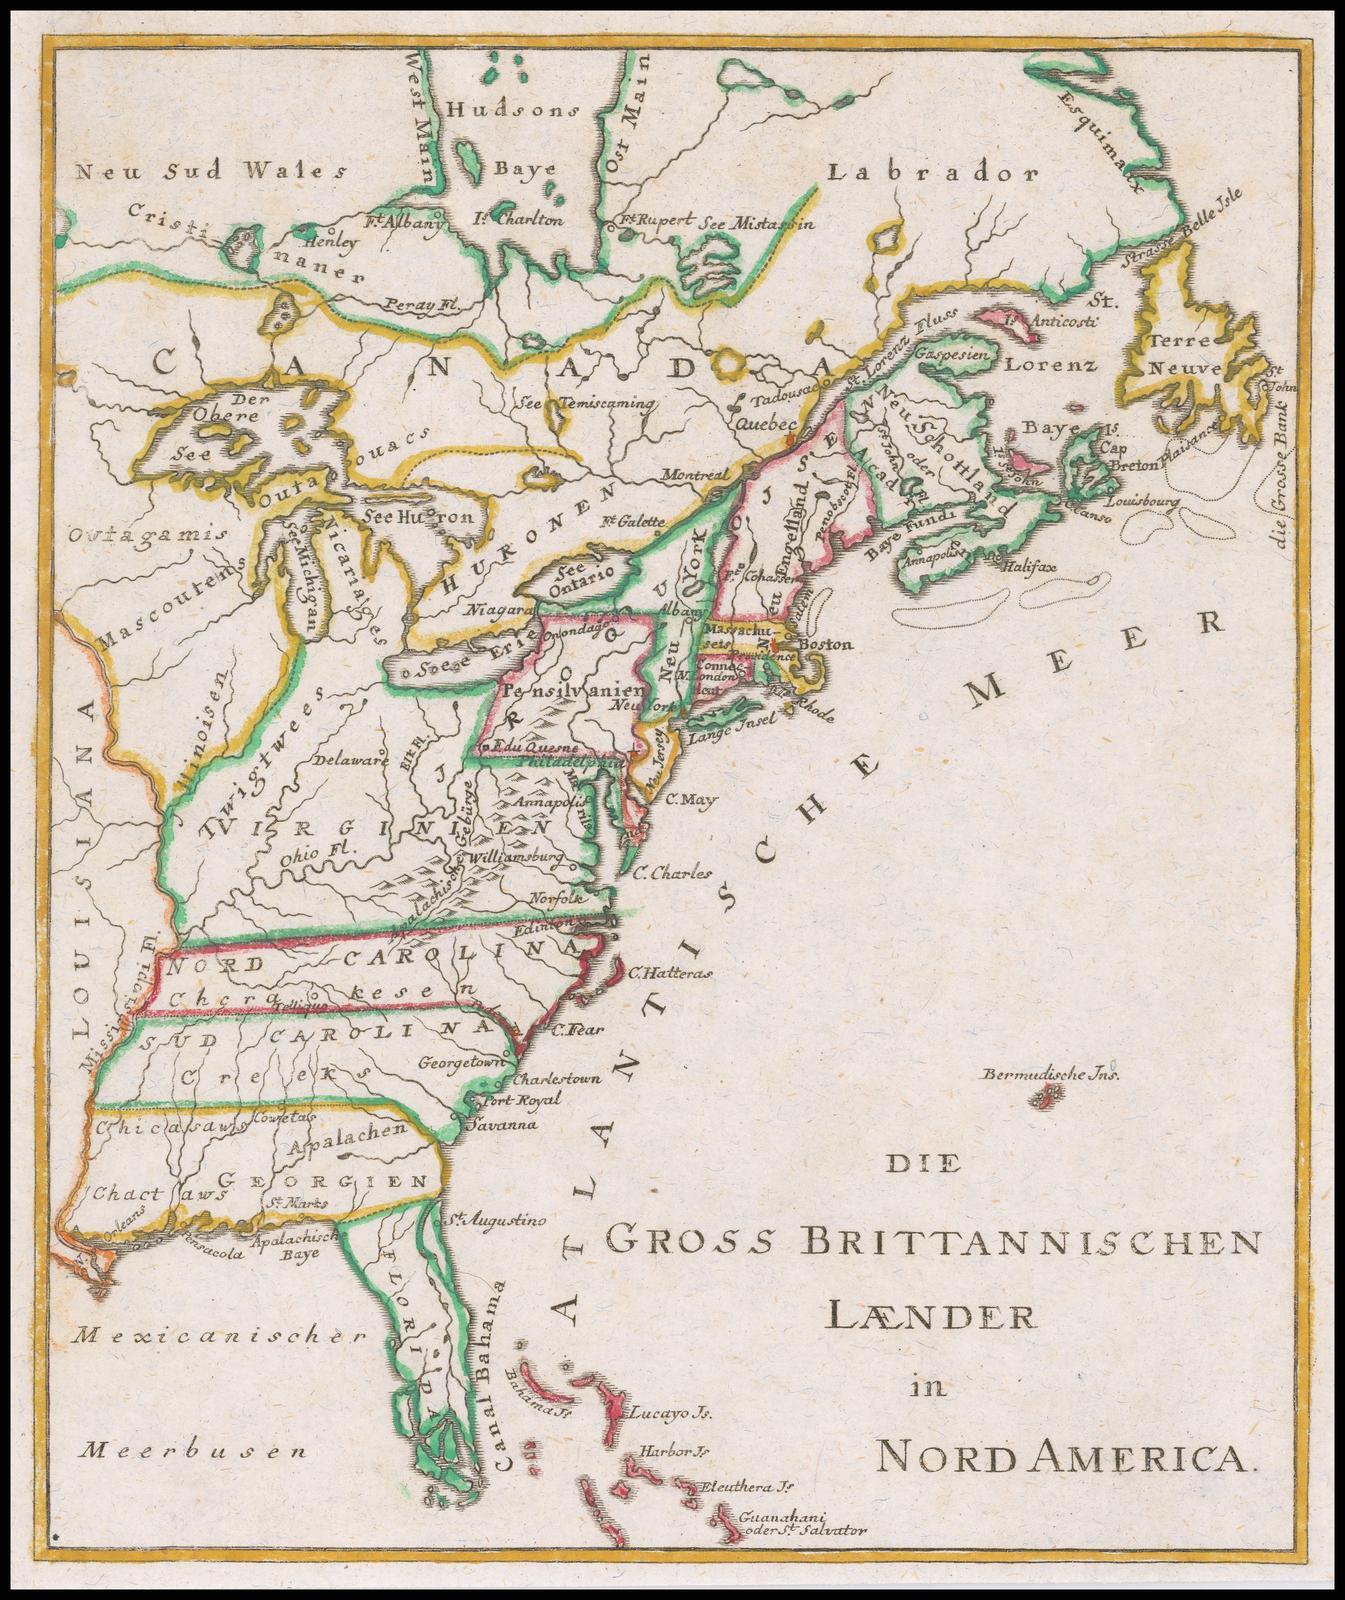 Редкая немецкая карта эпохи революционной войны британских колоний в Северной Америке